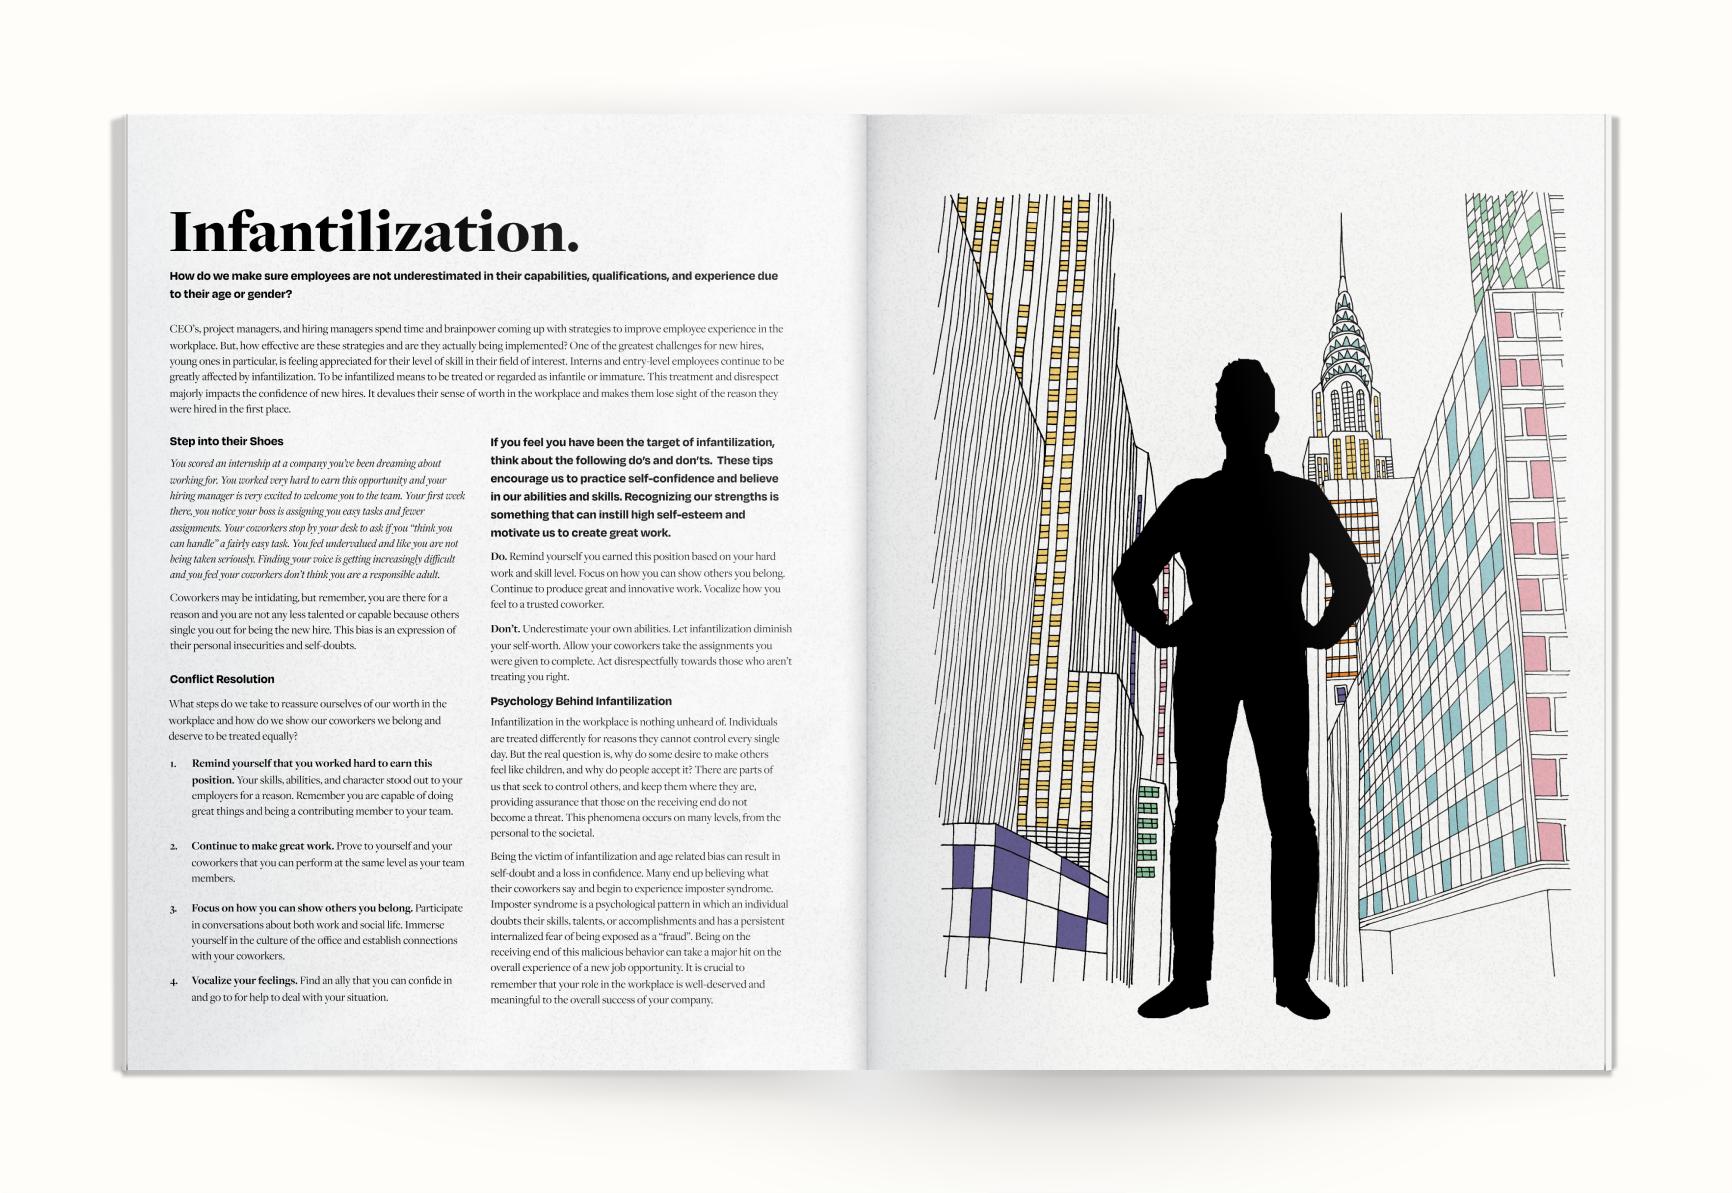 Infantilization-Mockup